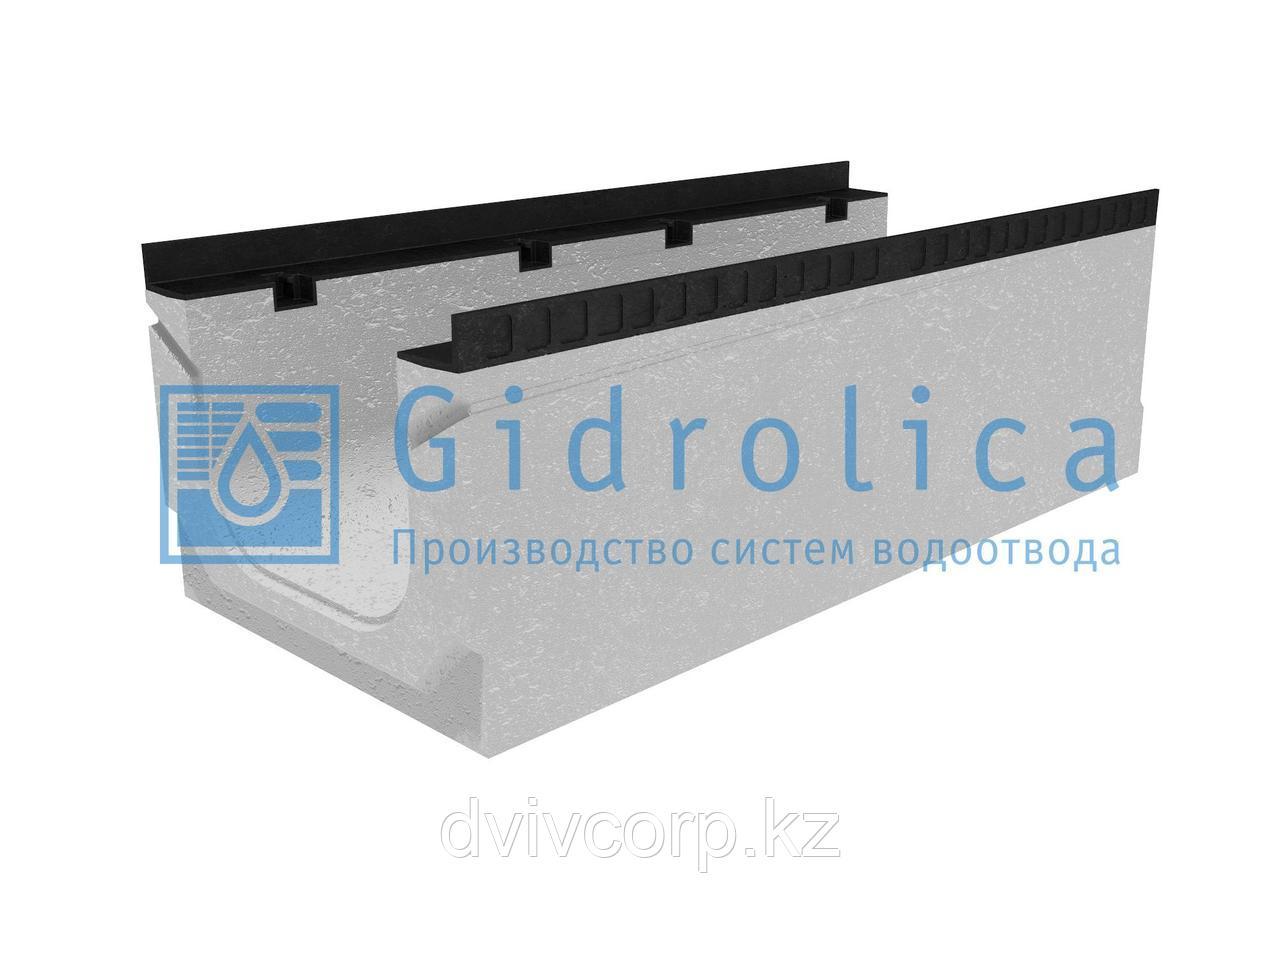 Лоток водоотводный бетонный коробчатый (СО-300мм), с уклоном 0,5%  КПу 100.44(30).35,5(28,5) - BGМ-F, № 9